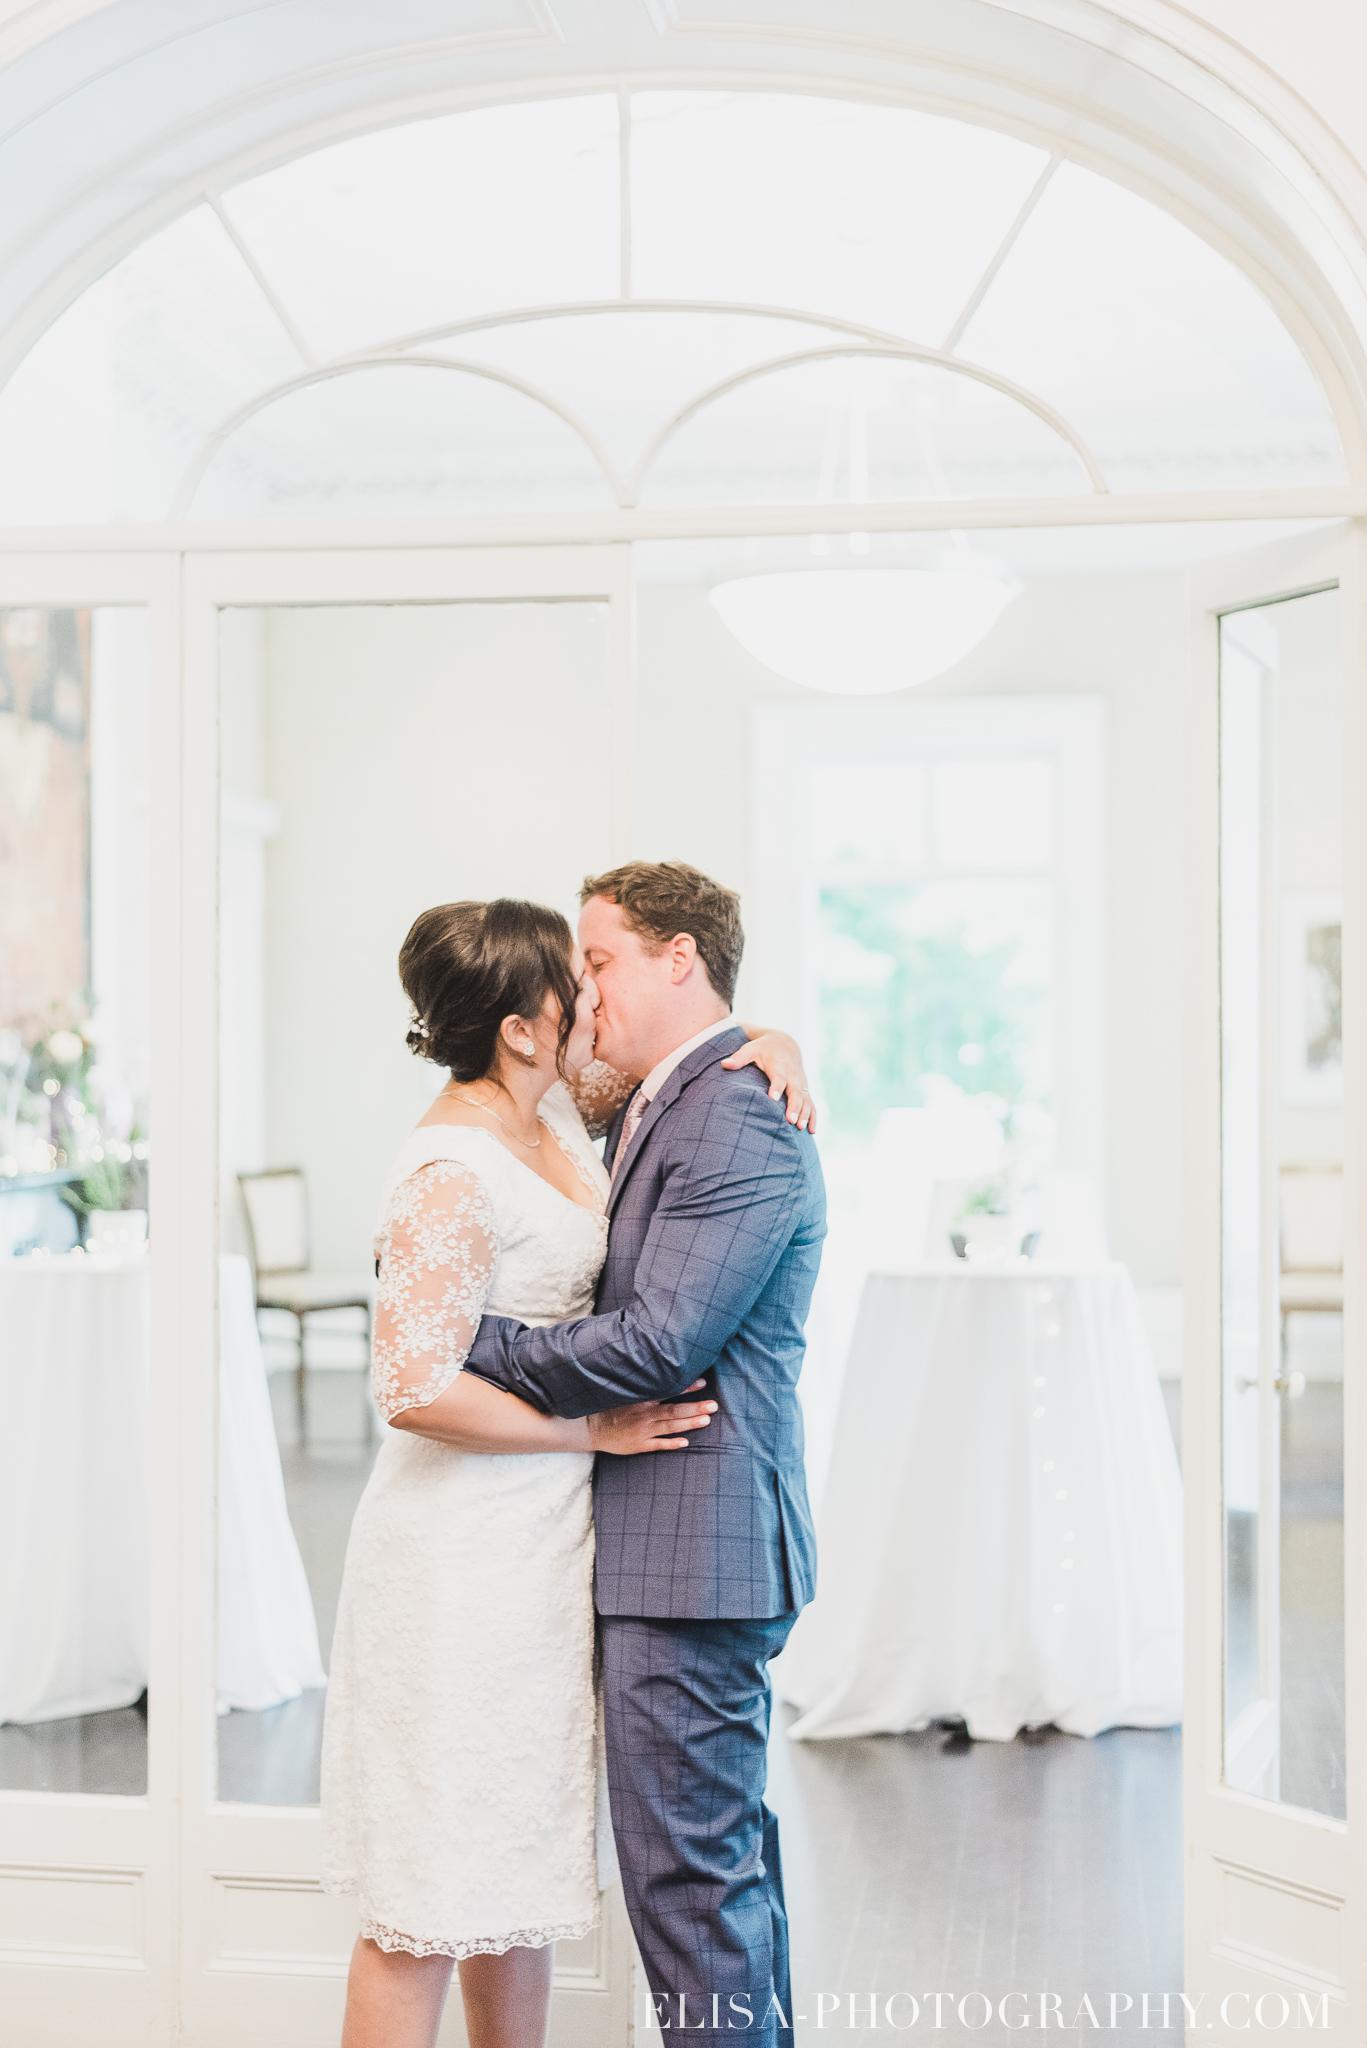 photo mariage domaine cataraqui wedding echange bagues voeux salle ceremonie 2352 - Mariage d'inspiration anglaise au domaine Cataraqui